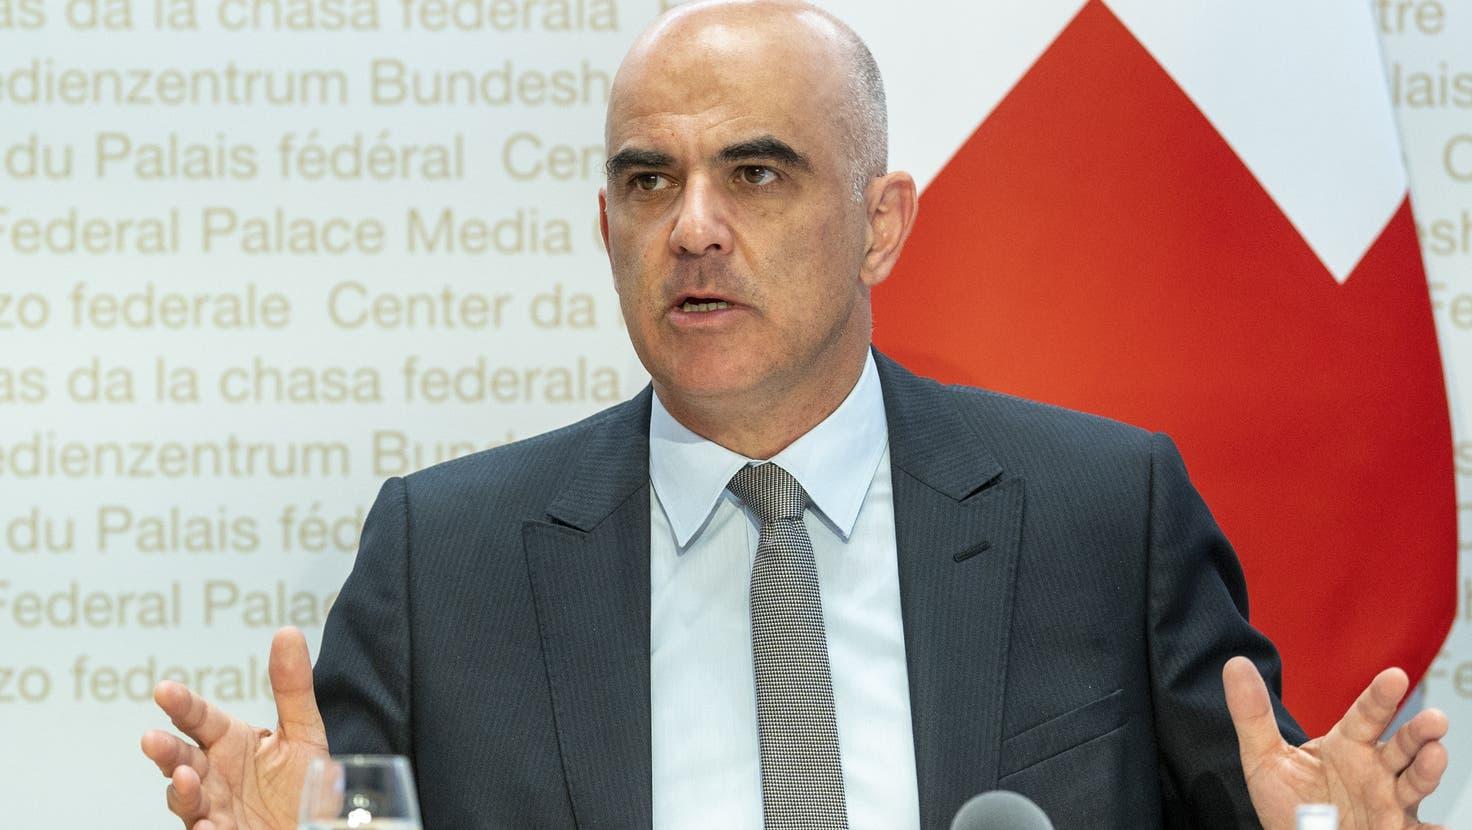 Heute beraten Alain Berset und die Kolleginnen und Kollegen des Bundesrats über darüber, ob das Covid-Zertifikat nun kosten soll oder nicht. (Keystone)